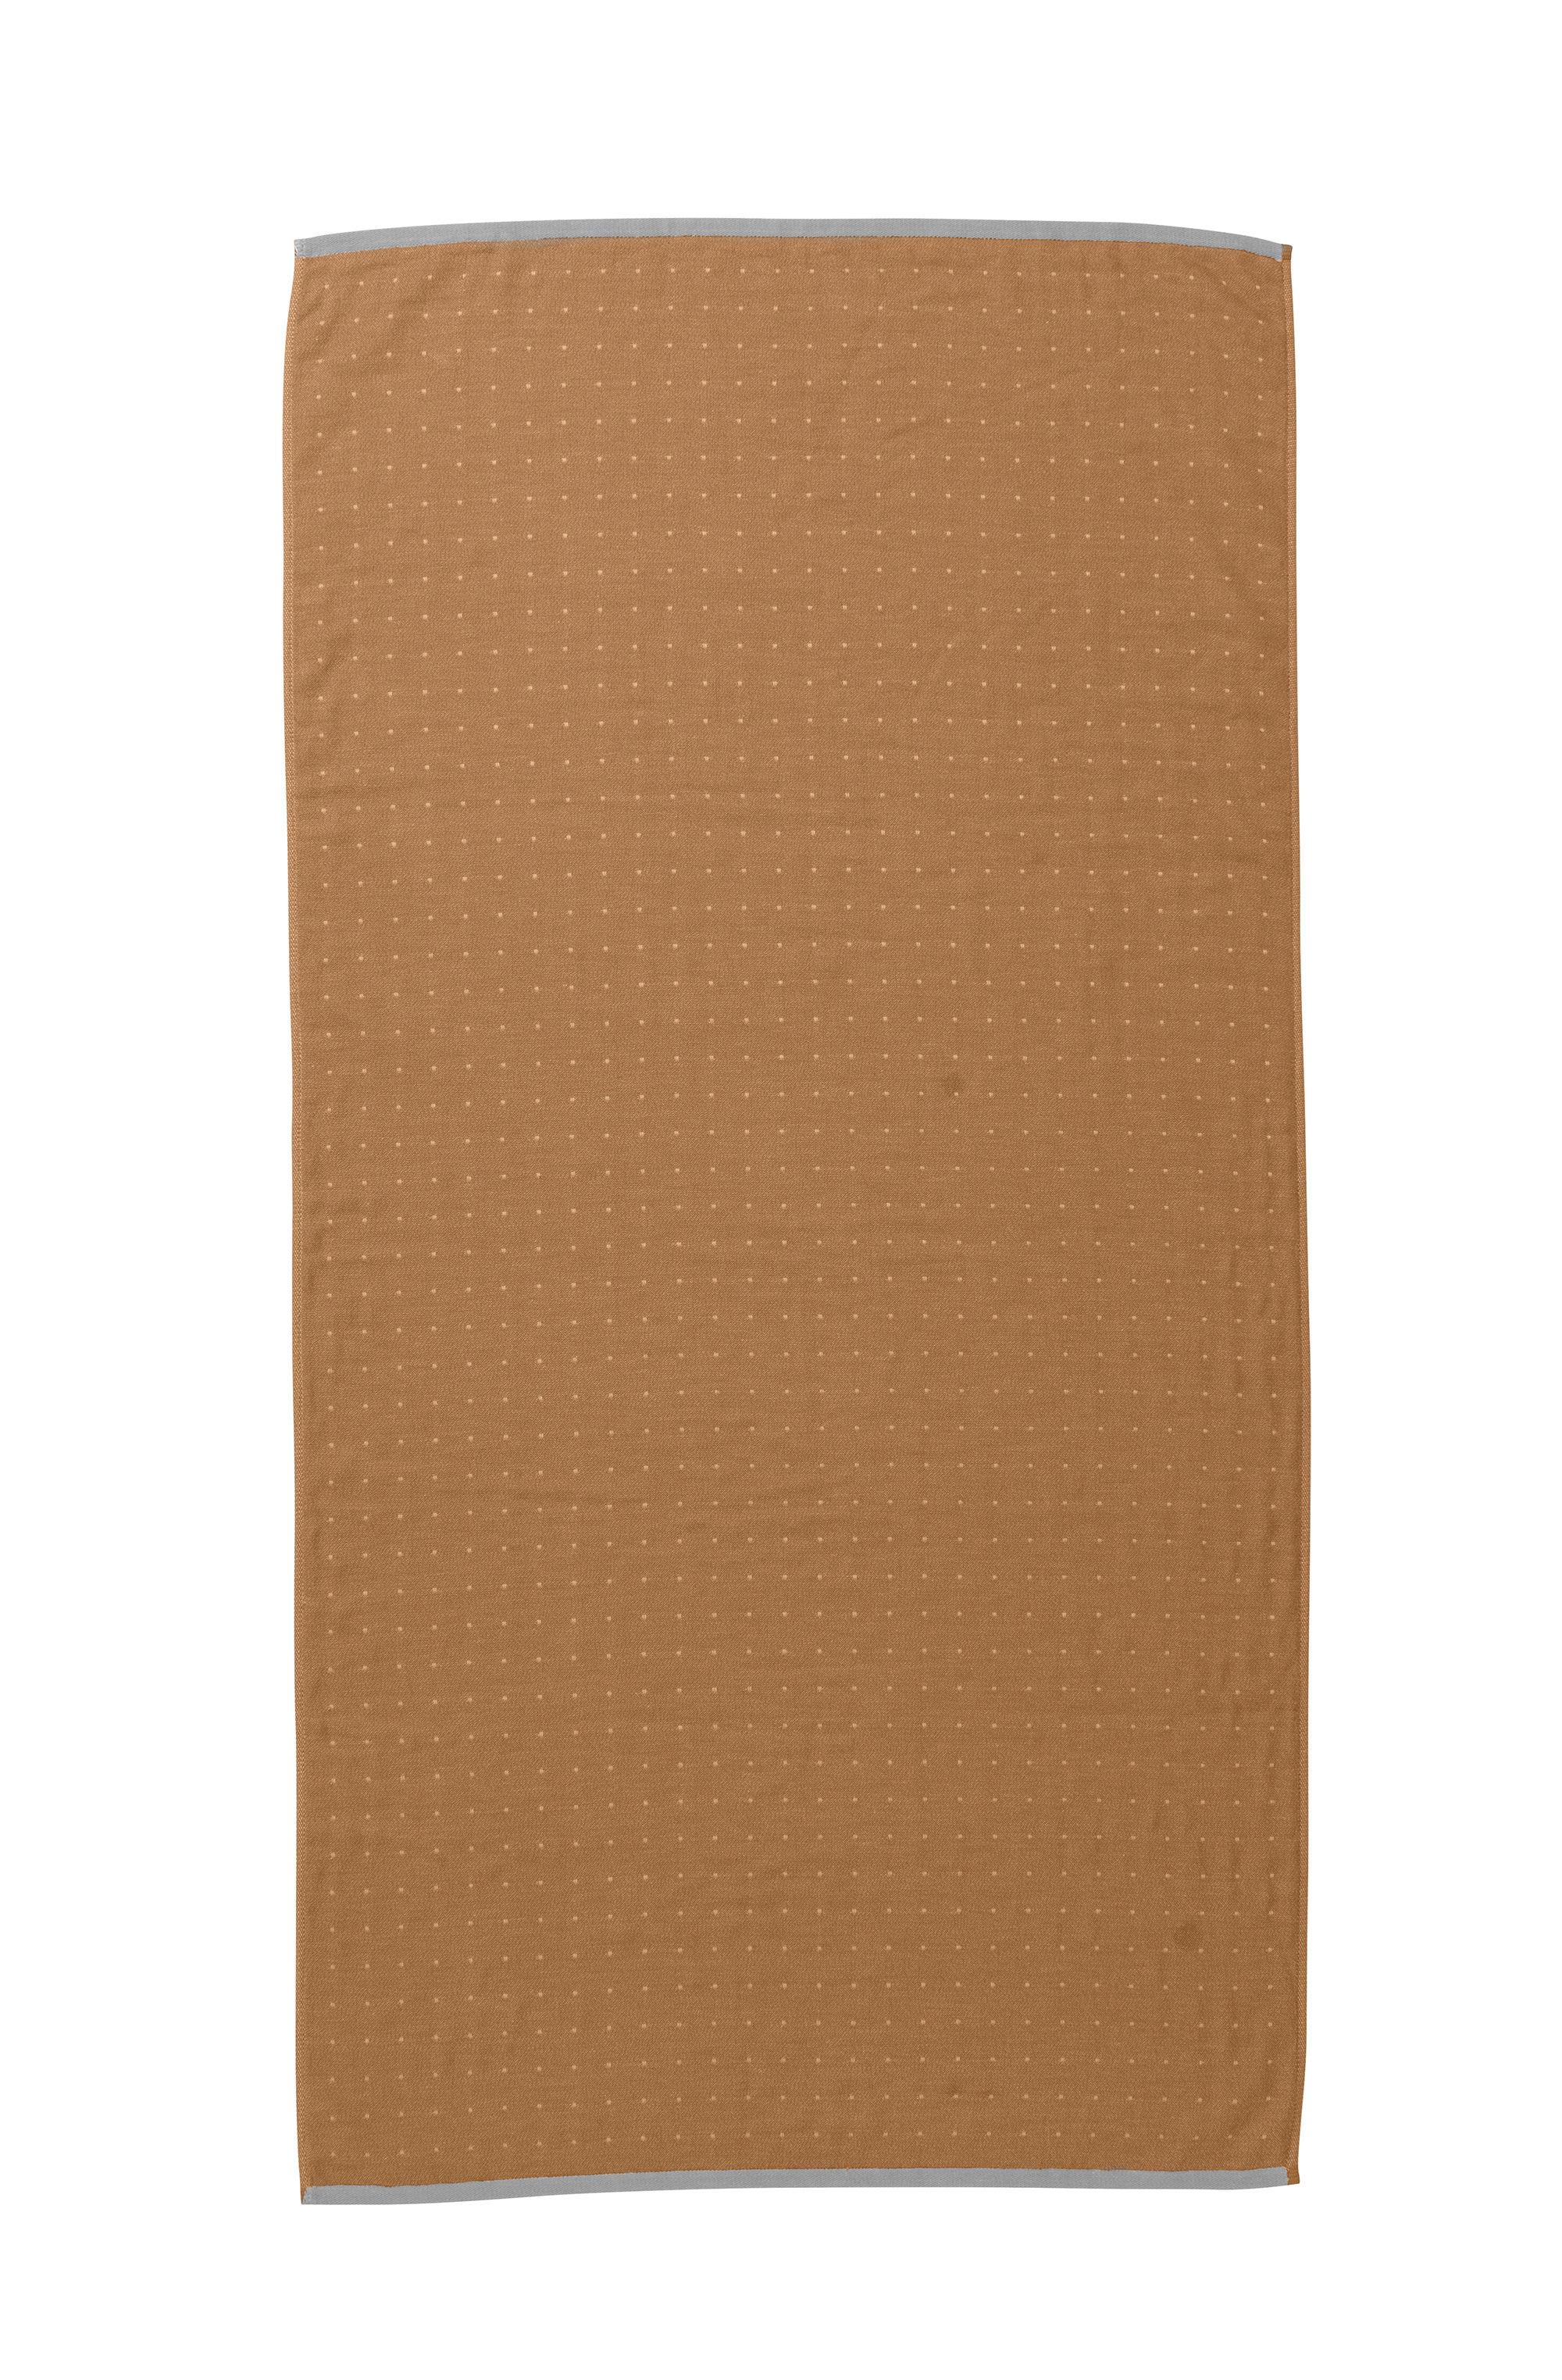 Decoration - Bedding & Bath Towels - Sento Bath towel - / Organic - 140 x 70 cm by Ferm Living - Moutarde - Cotton